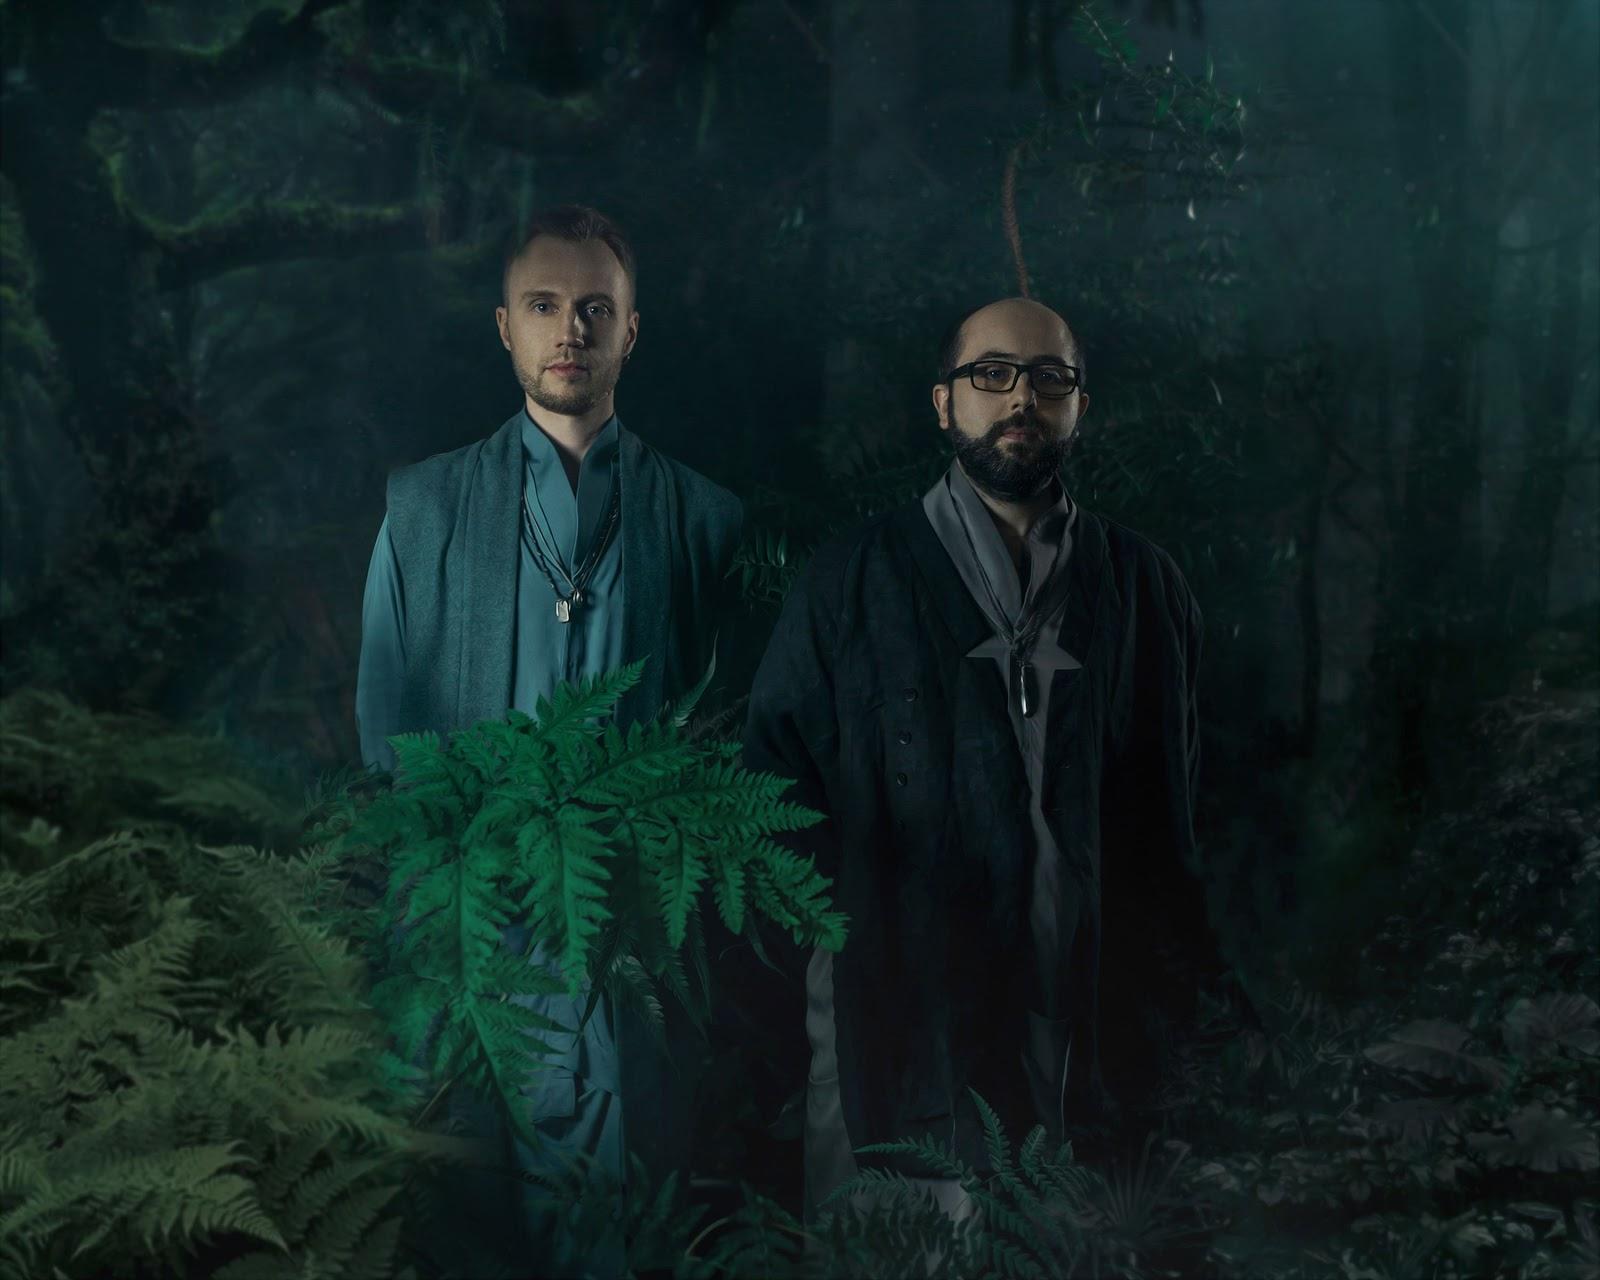 Volen Sentir shares stunning LIVE @ Magic Forest